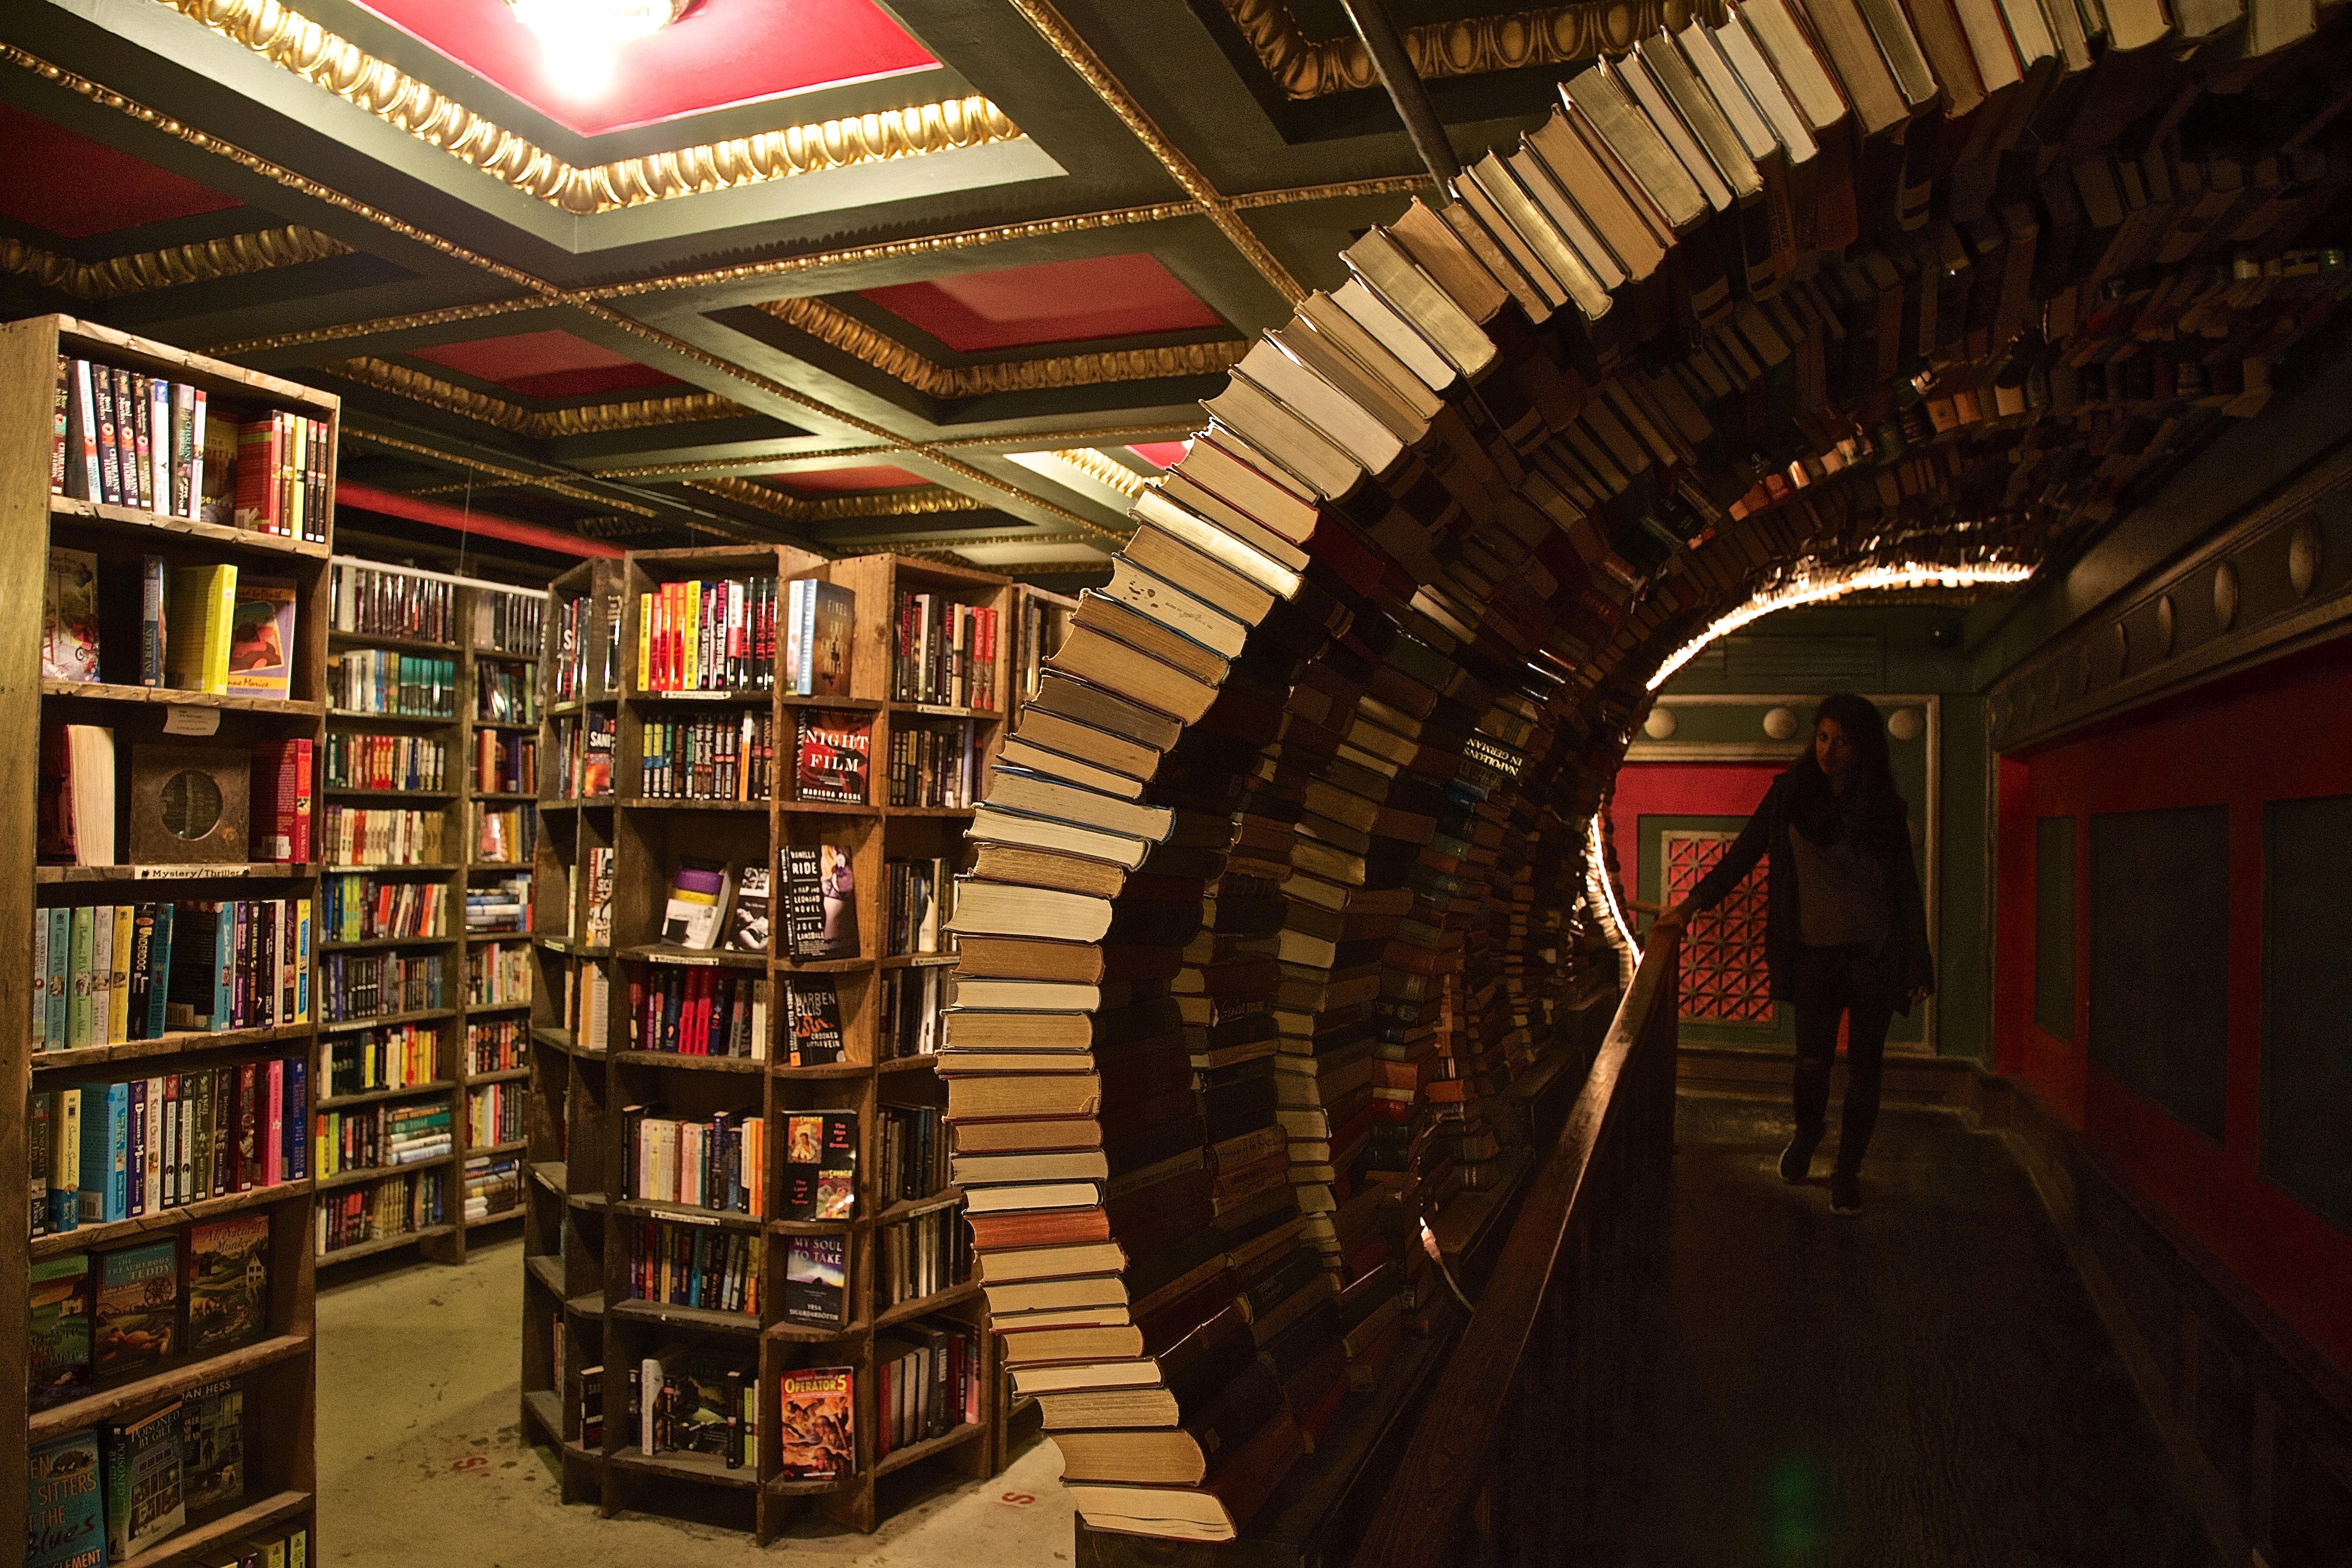 2. The Last Bookstore